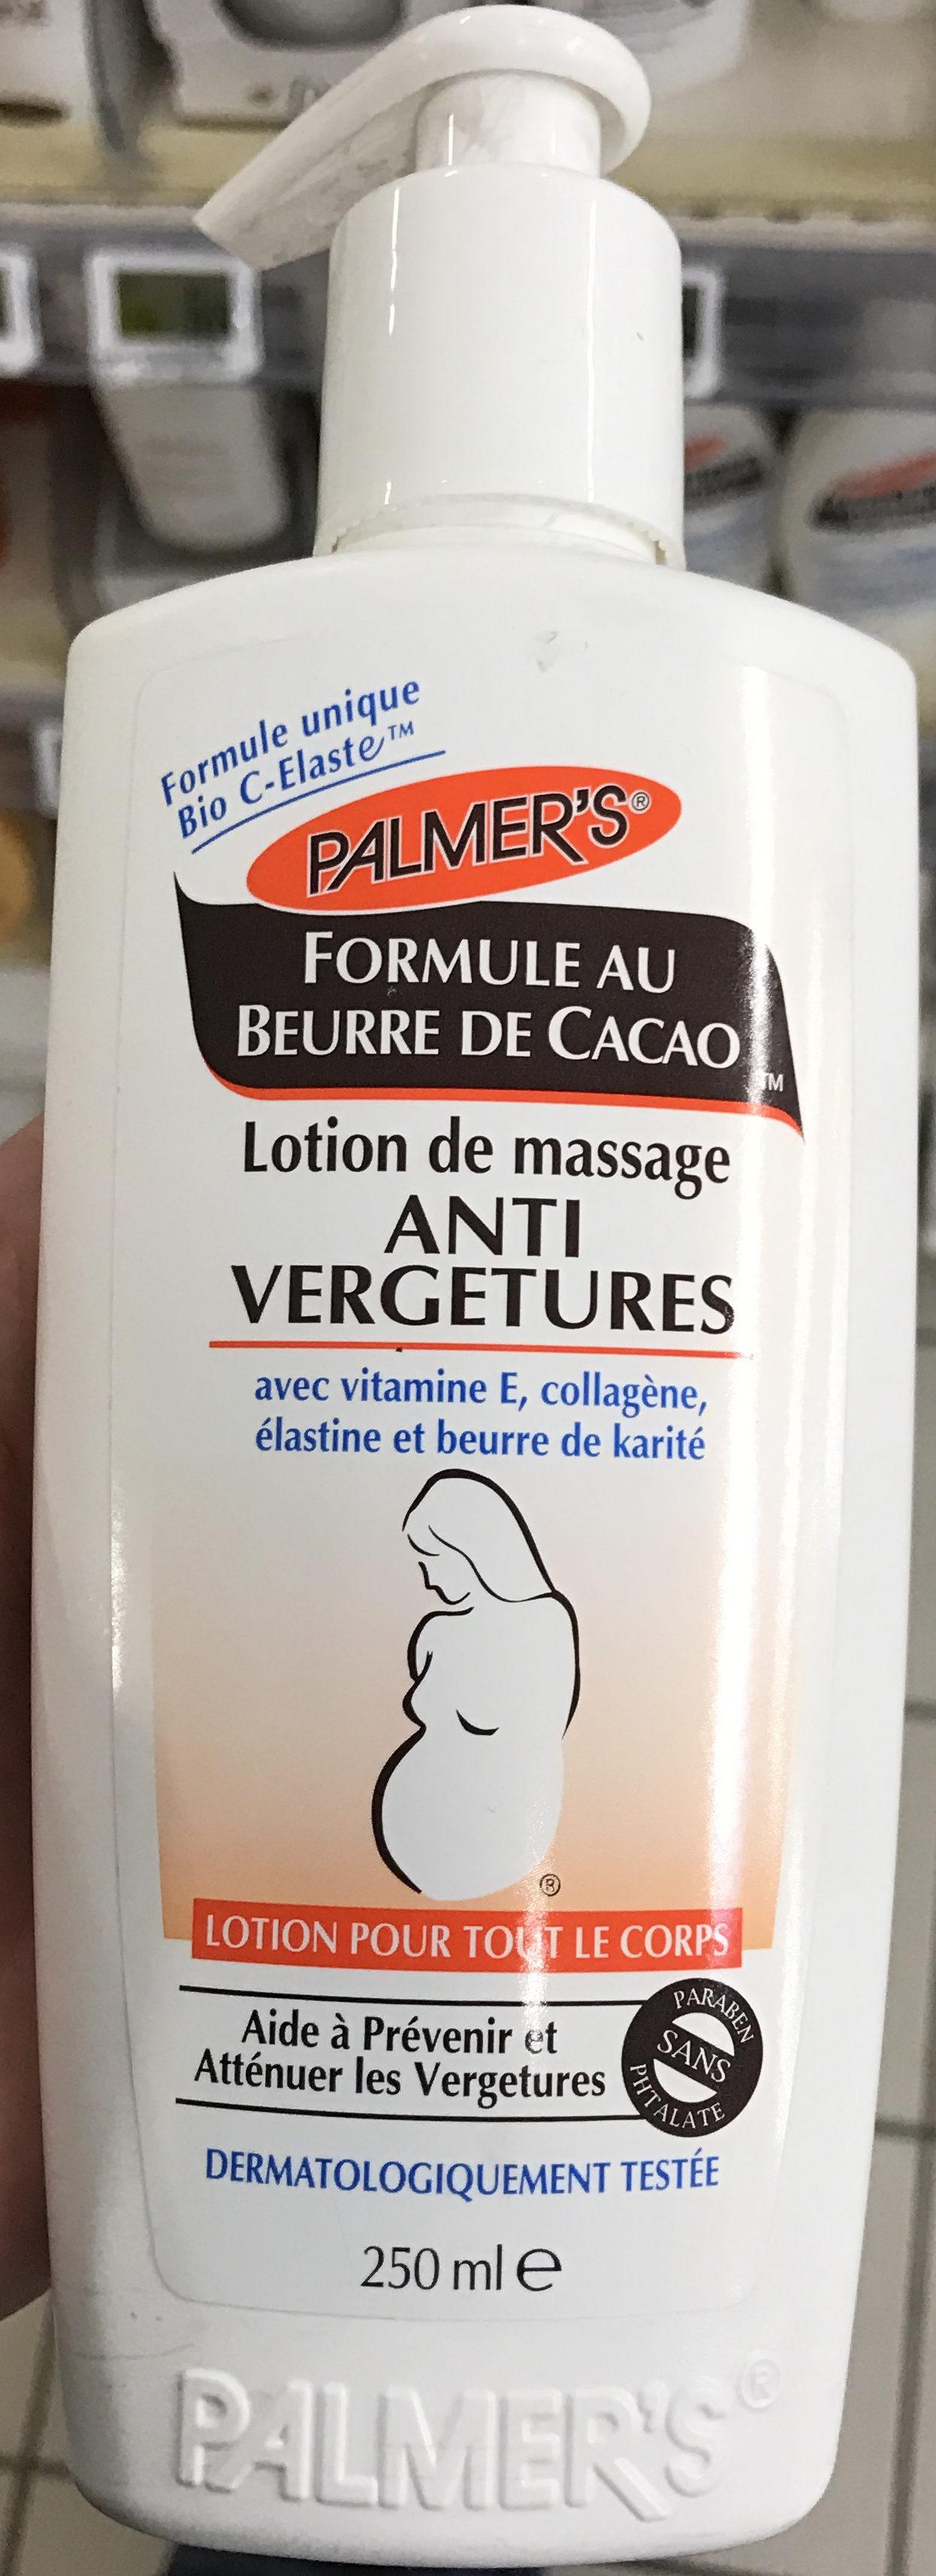 Lotion de massage Anti Vergertures - Produit